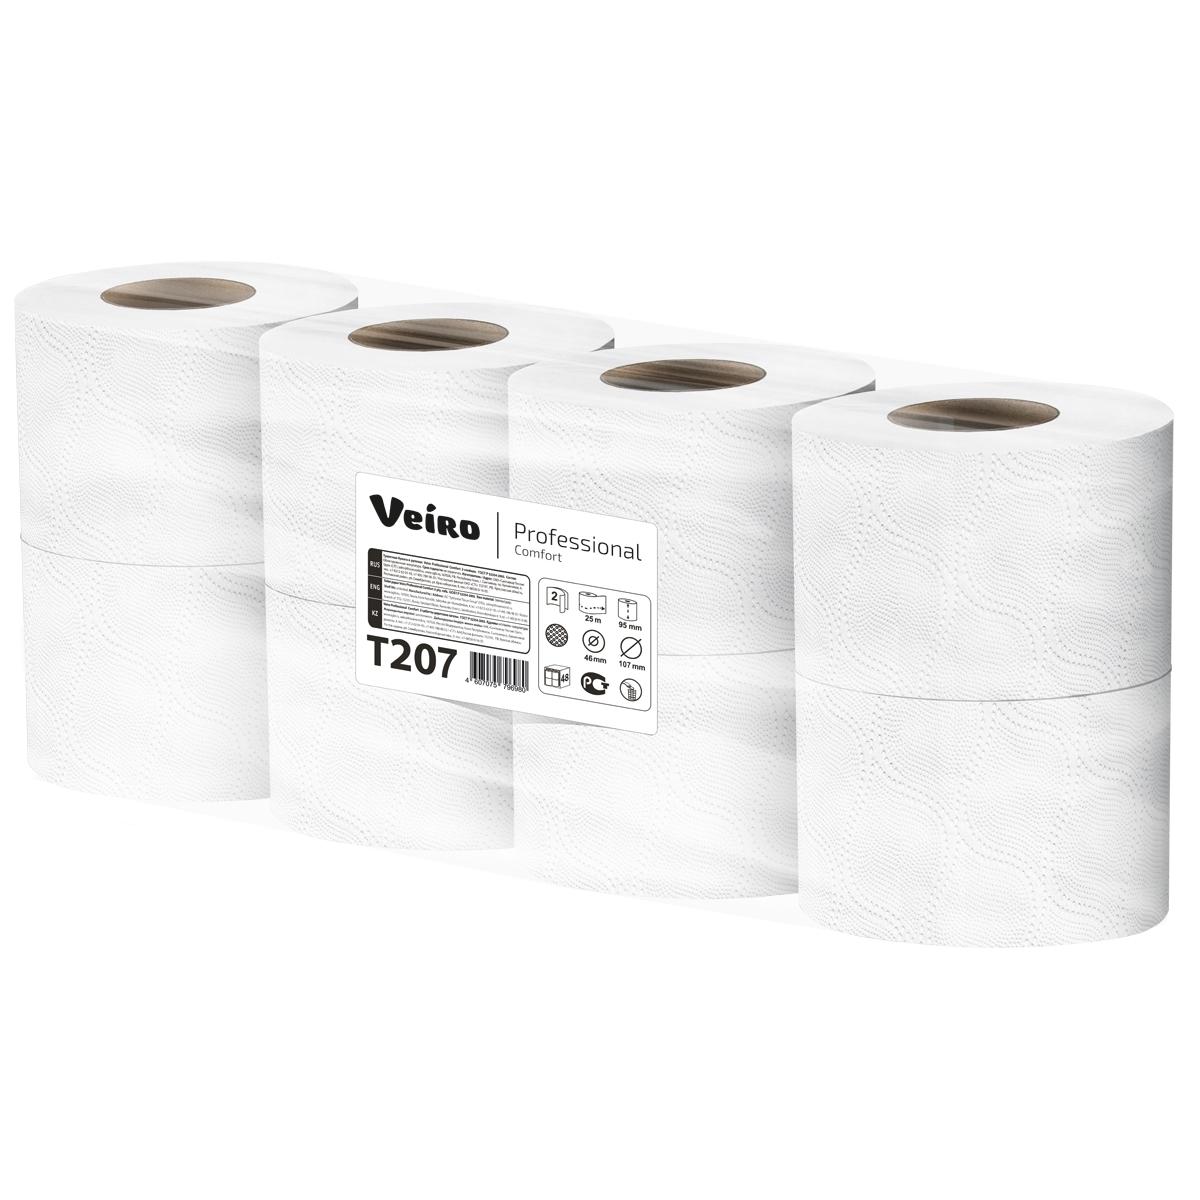 Бумага туалетная Veiro Professional Comfort в рулоне, 25м/рул, 2-сл, белая, 8рул/уп, Т207